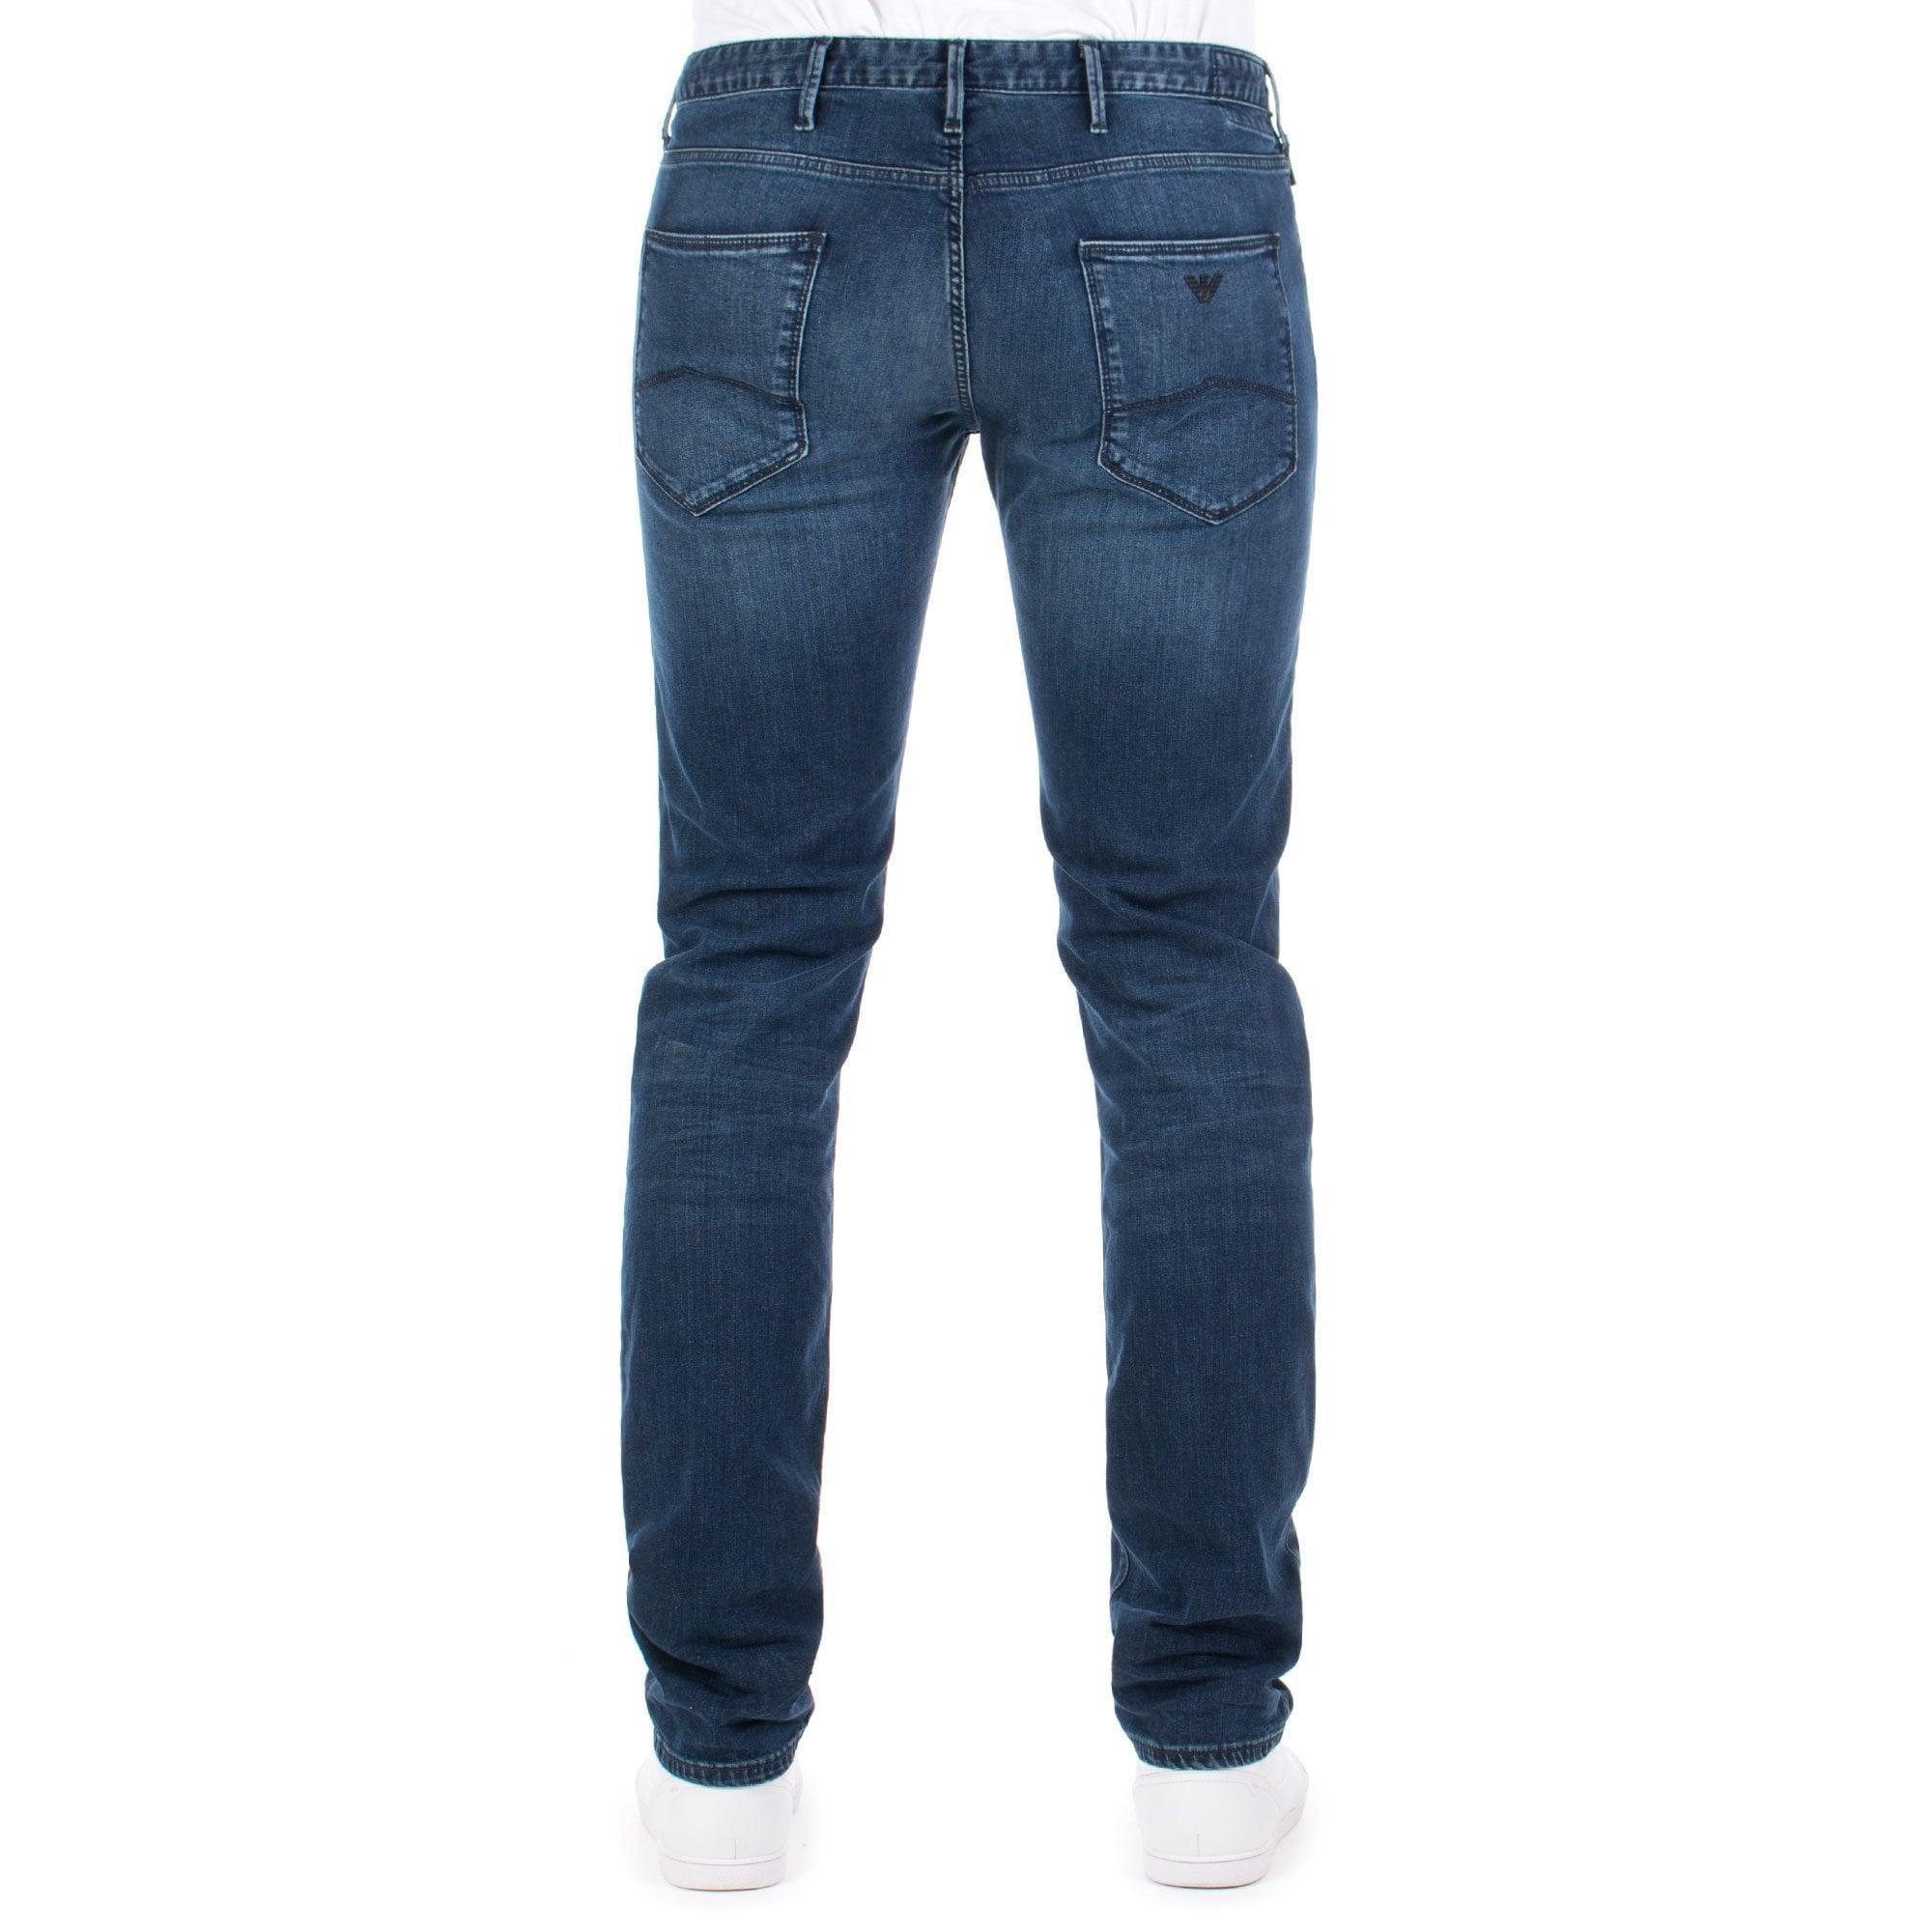 8d81afef12 Emporio Armani J06 Slim Fit Jeans in Blue for Men - Lyst